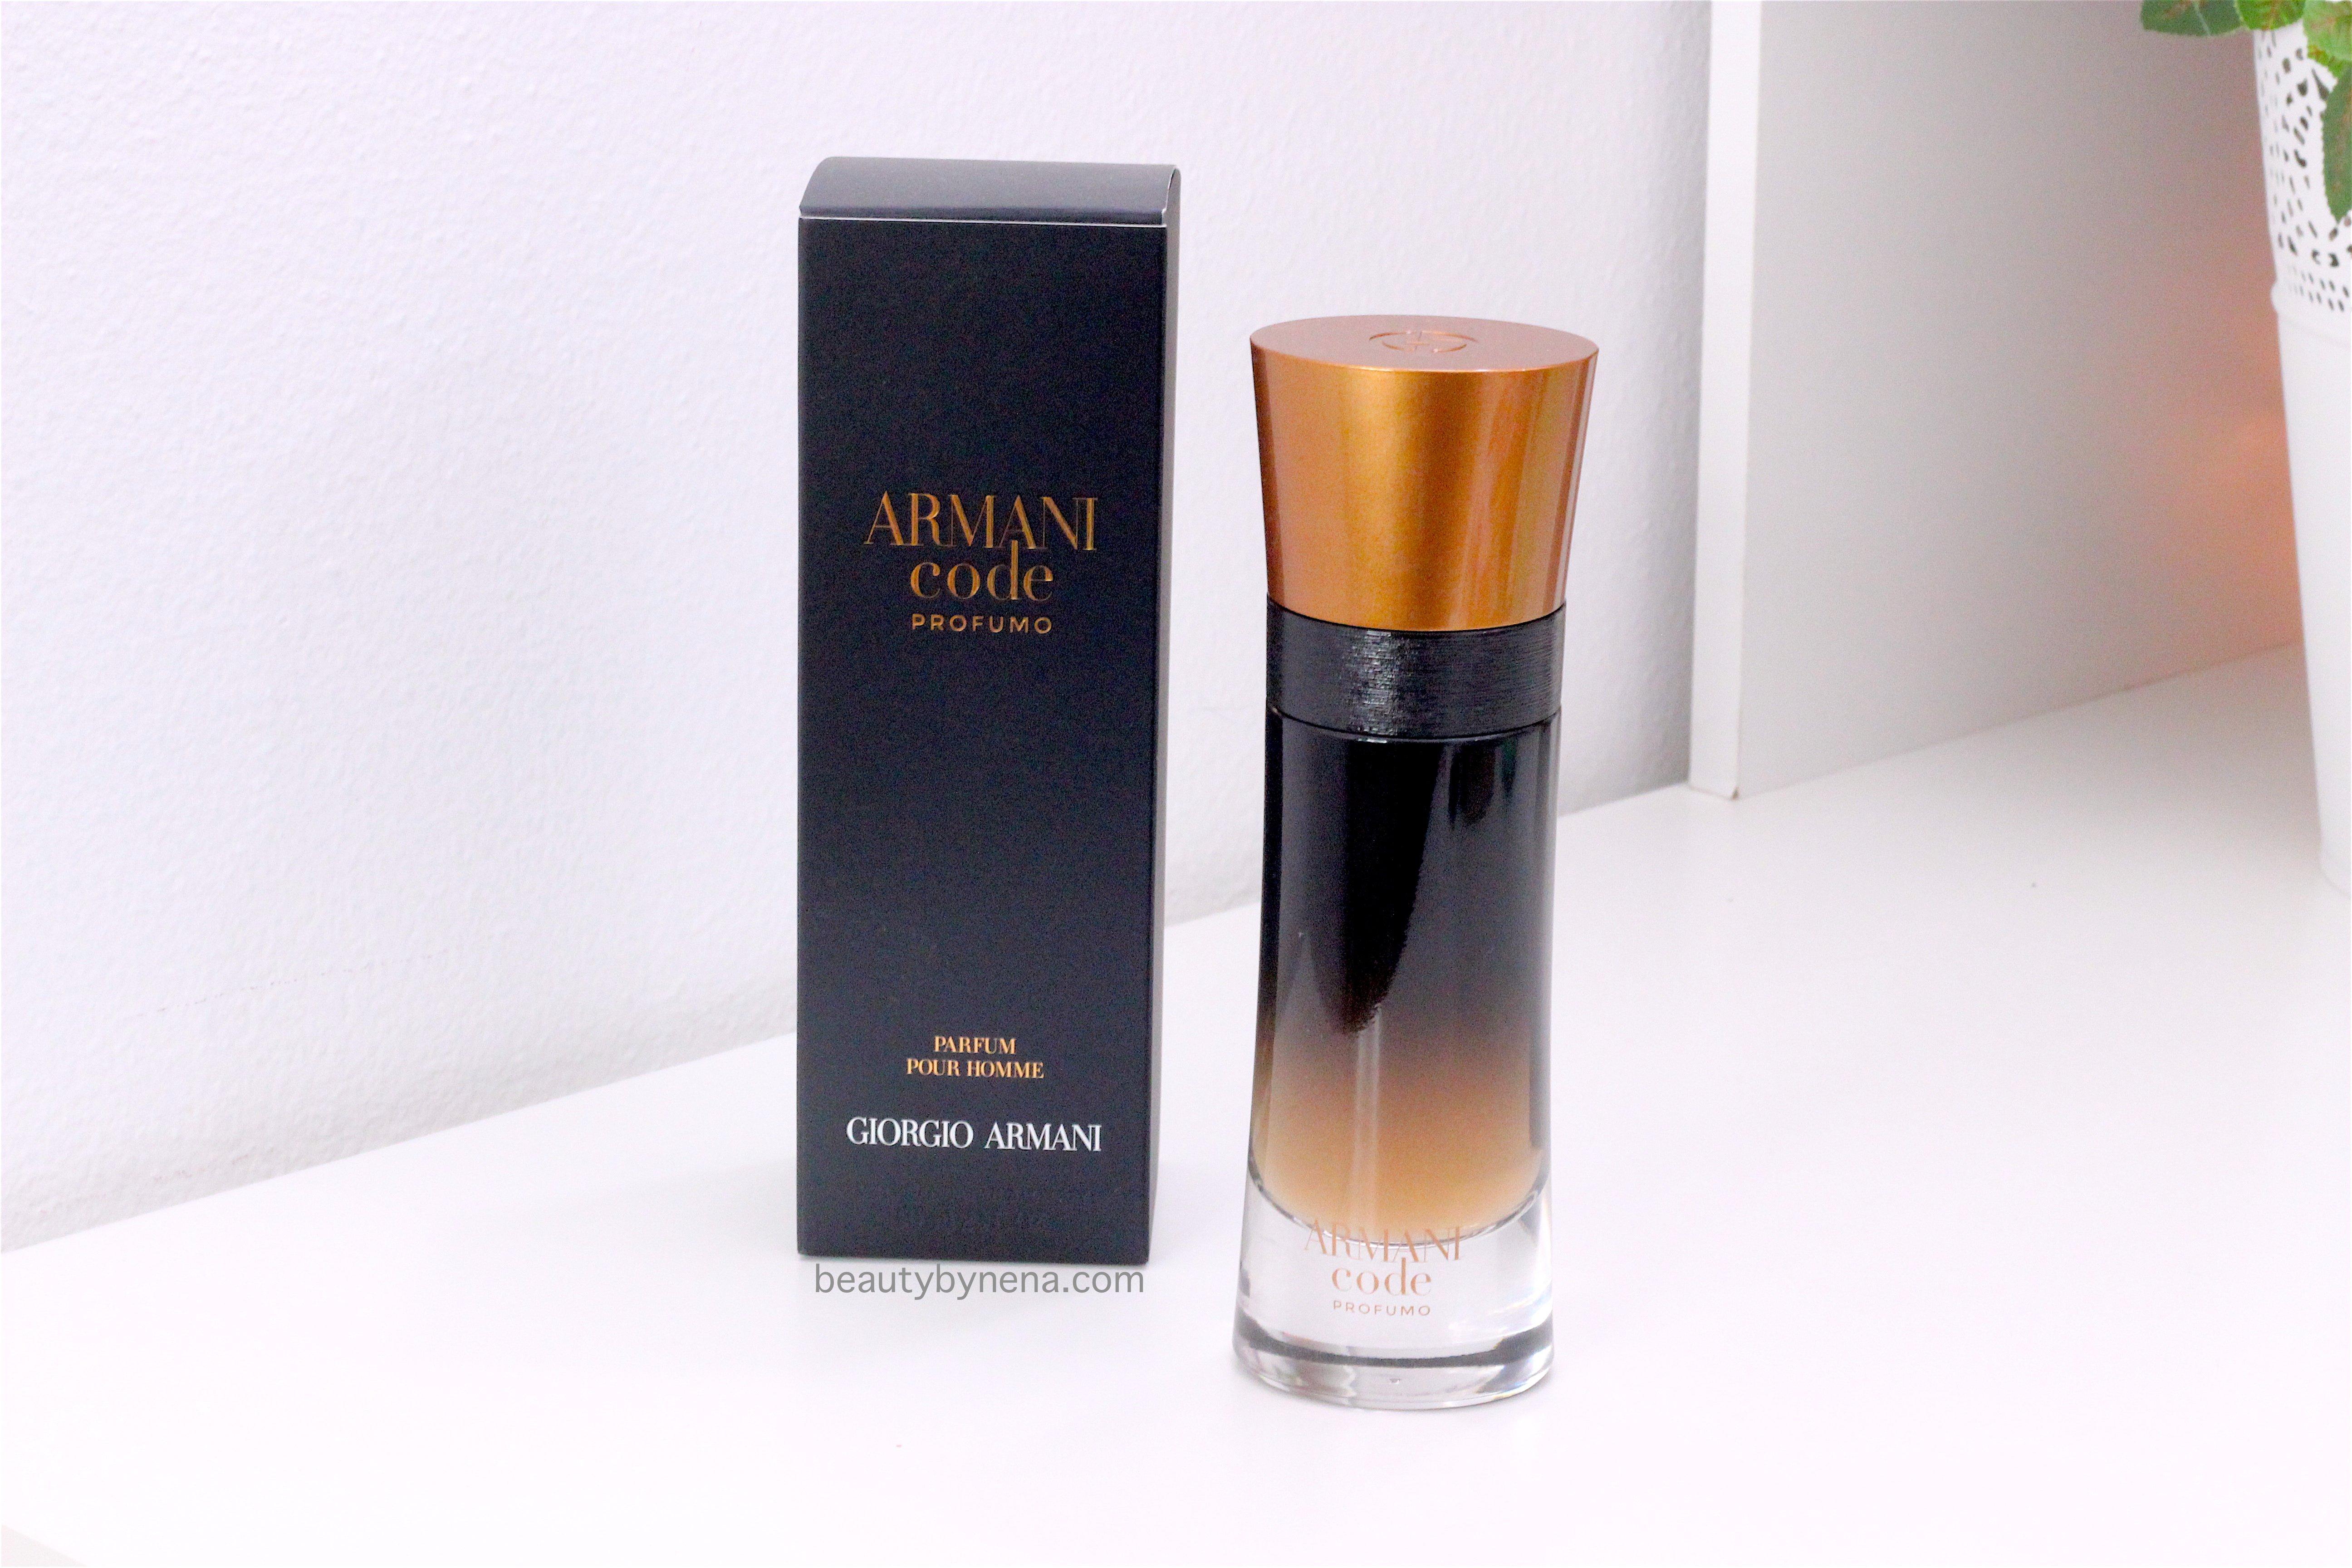 Giorgio Armani Code Profumo- Parfum per Home f65a7b3dc2